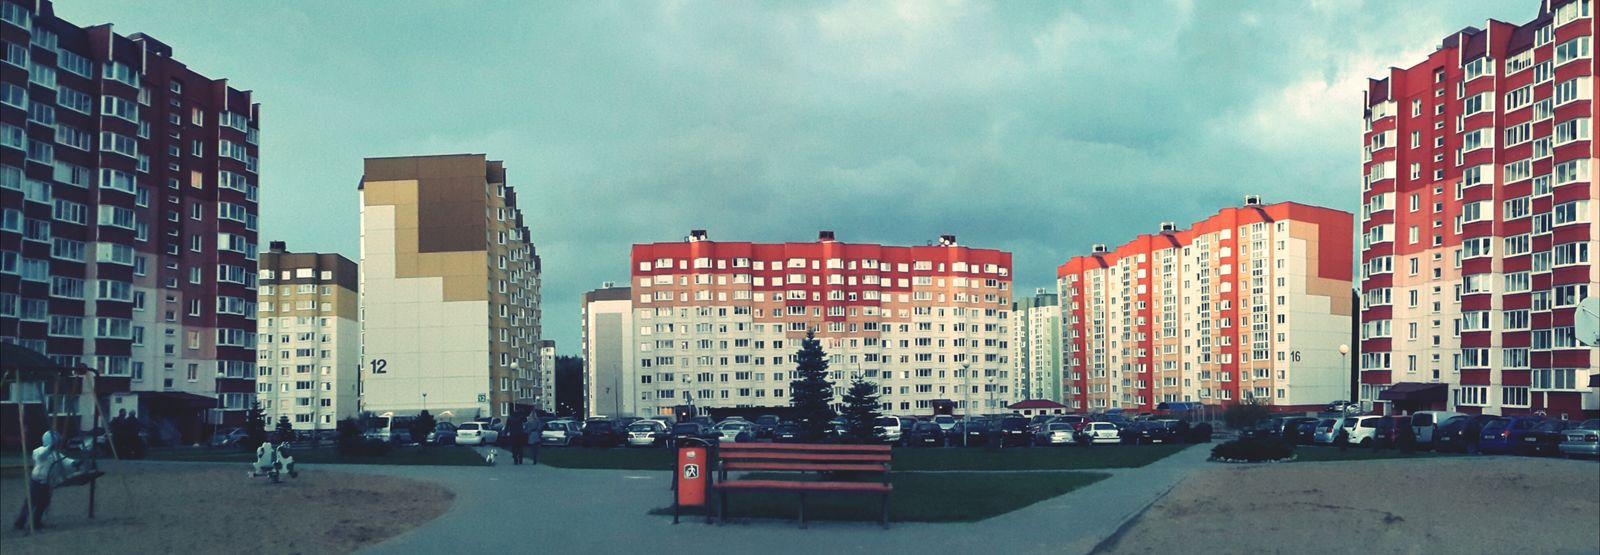 *_* Nature Houses Urban Geometry Sky